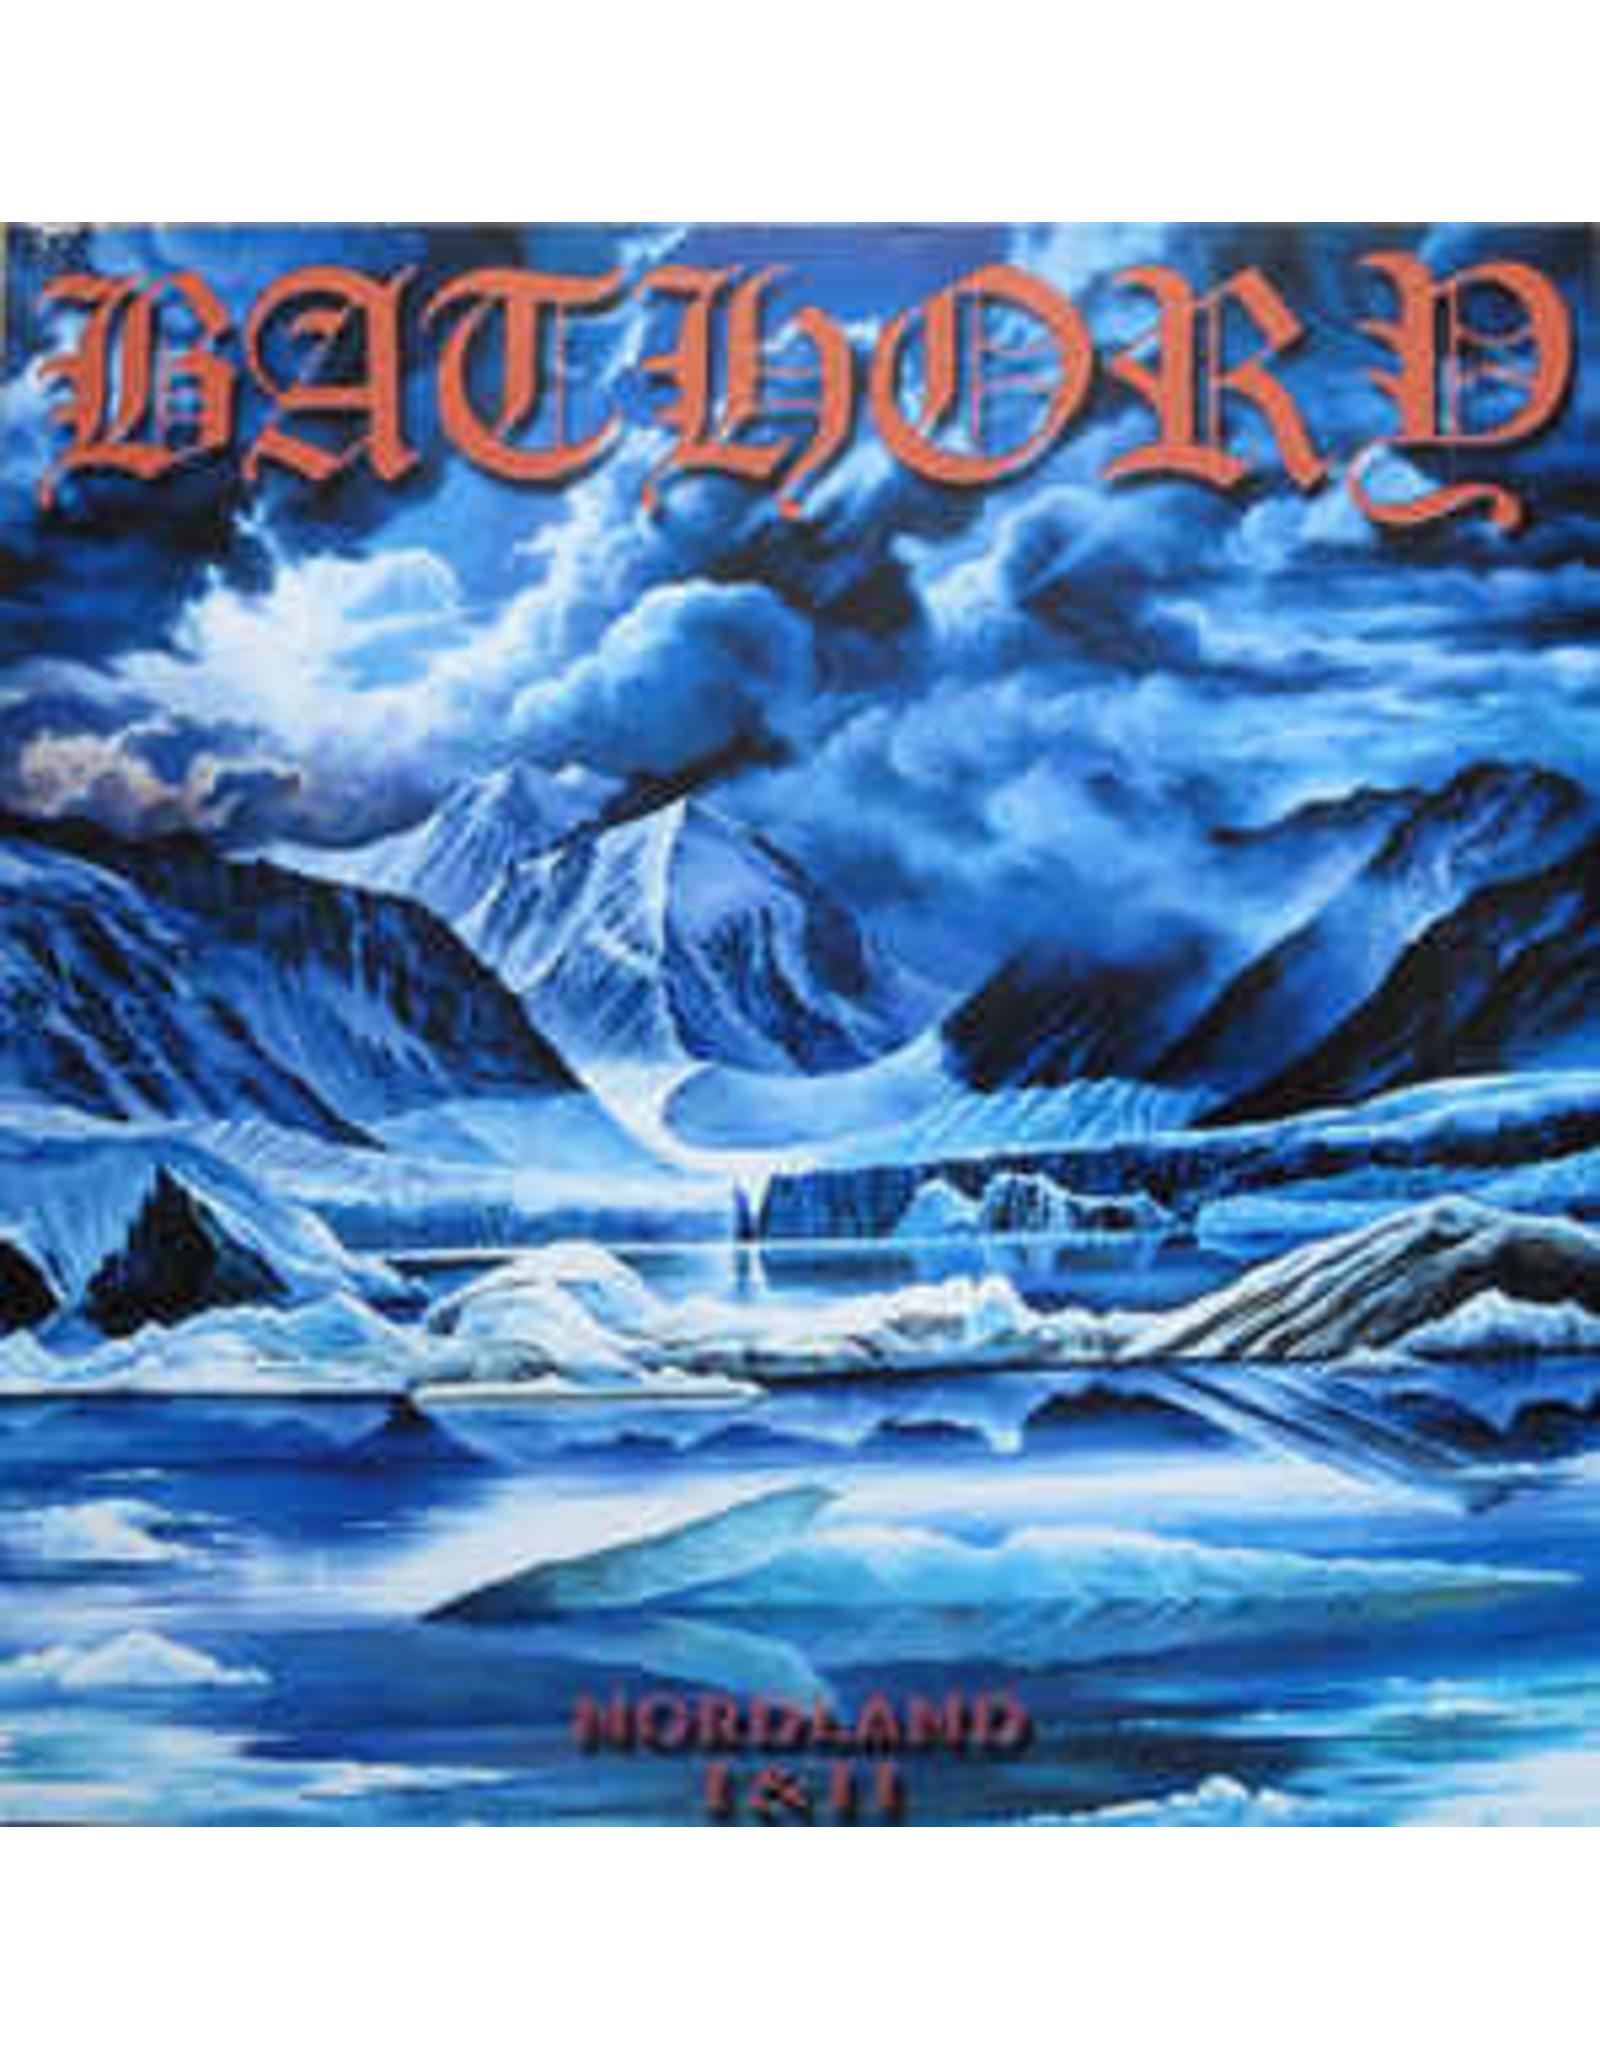 Black Mark Bathory: Nordland I & II LP